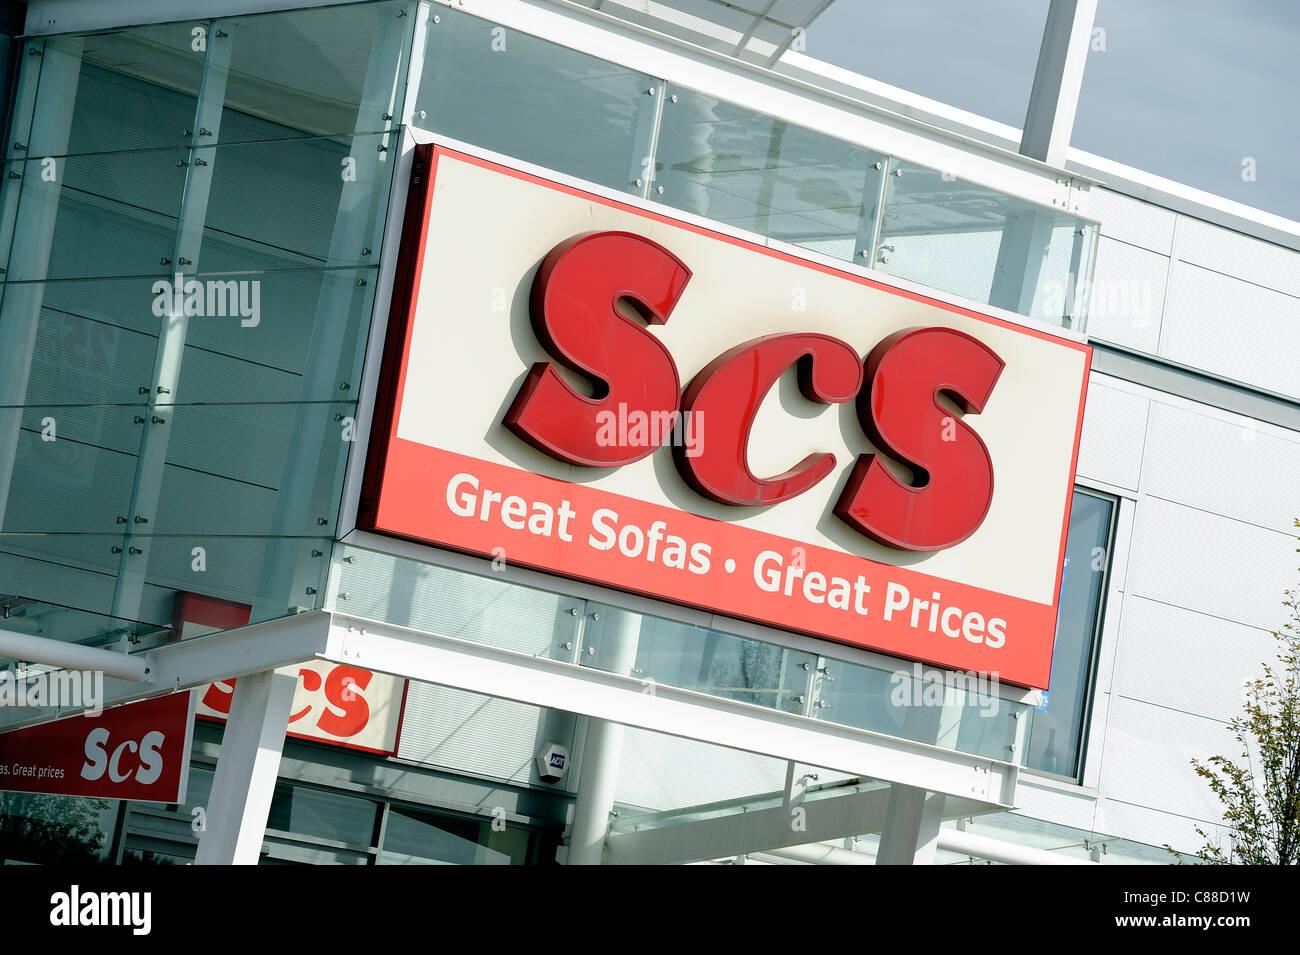 Détaillant scs logo commercial england uk Photo Stock